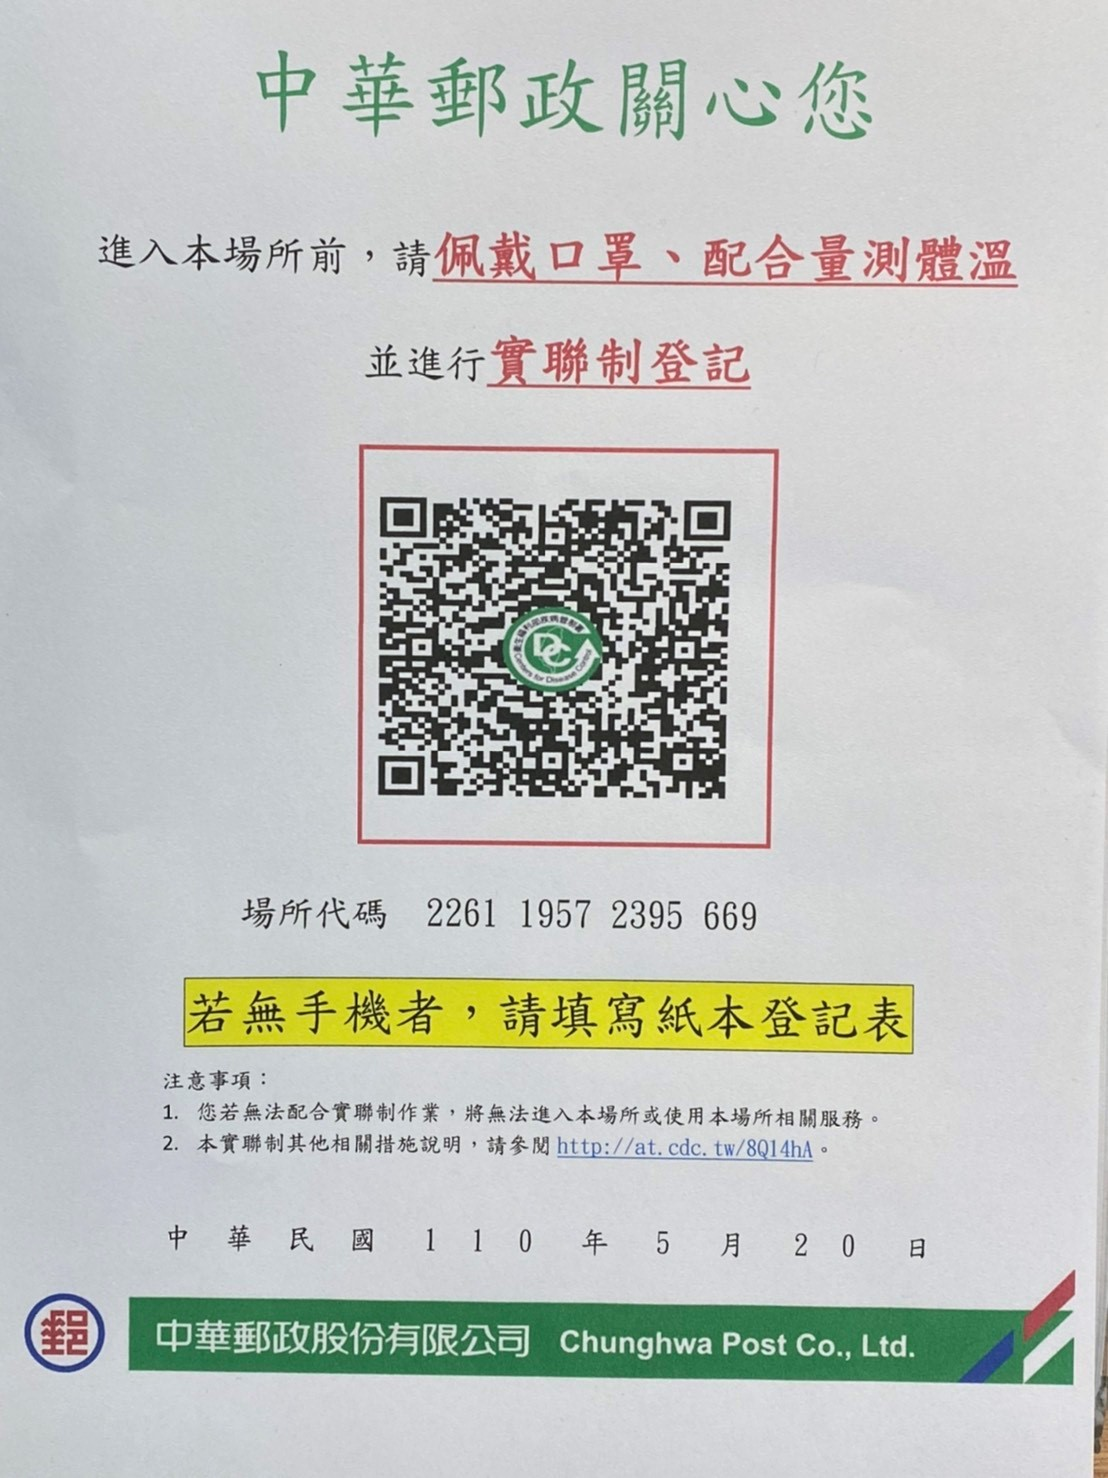 中華郵政導入「簡訊實聯制」系統